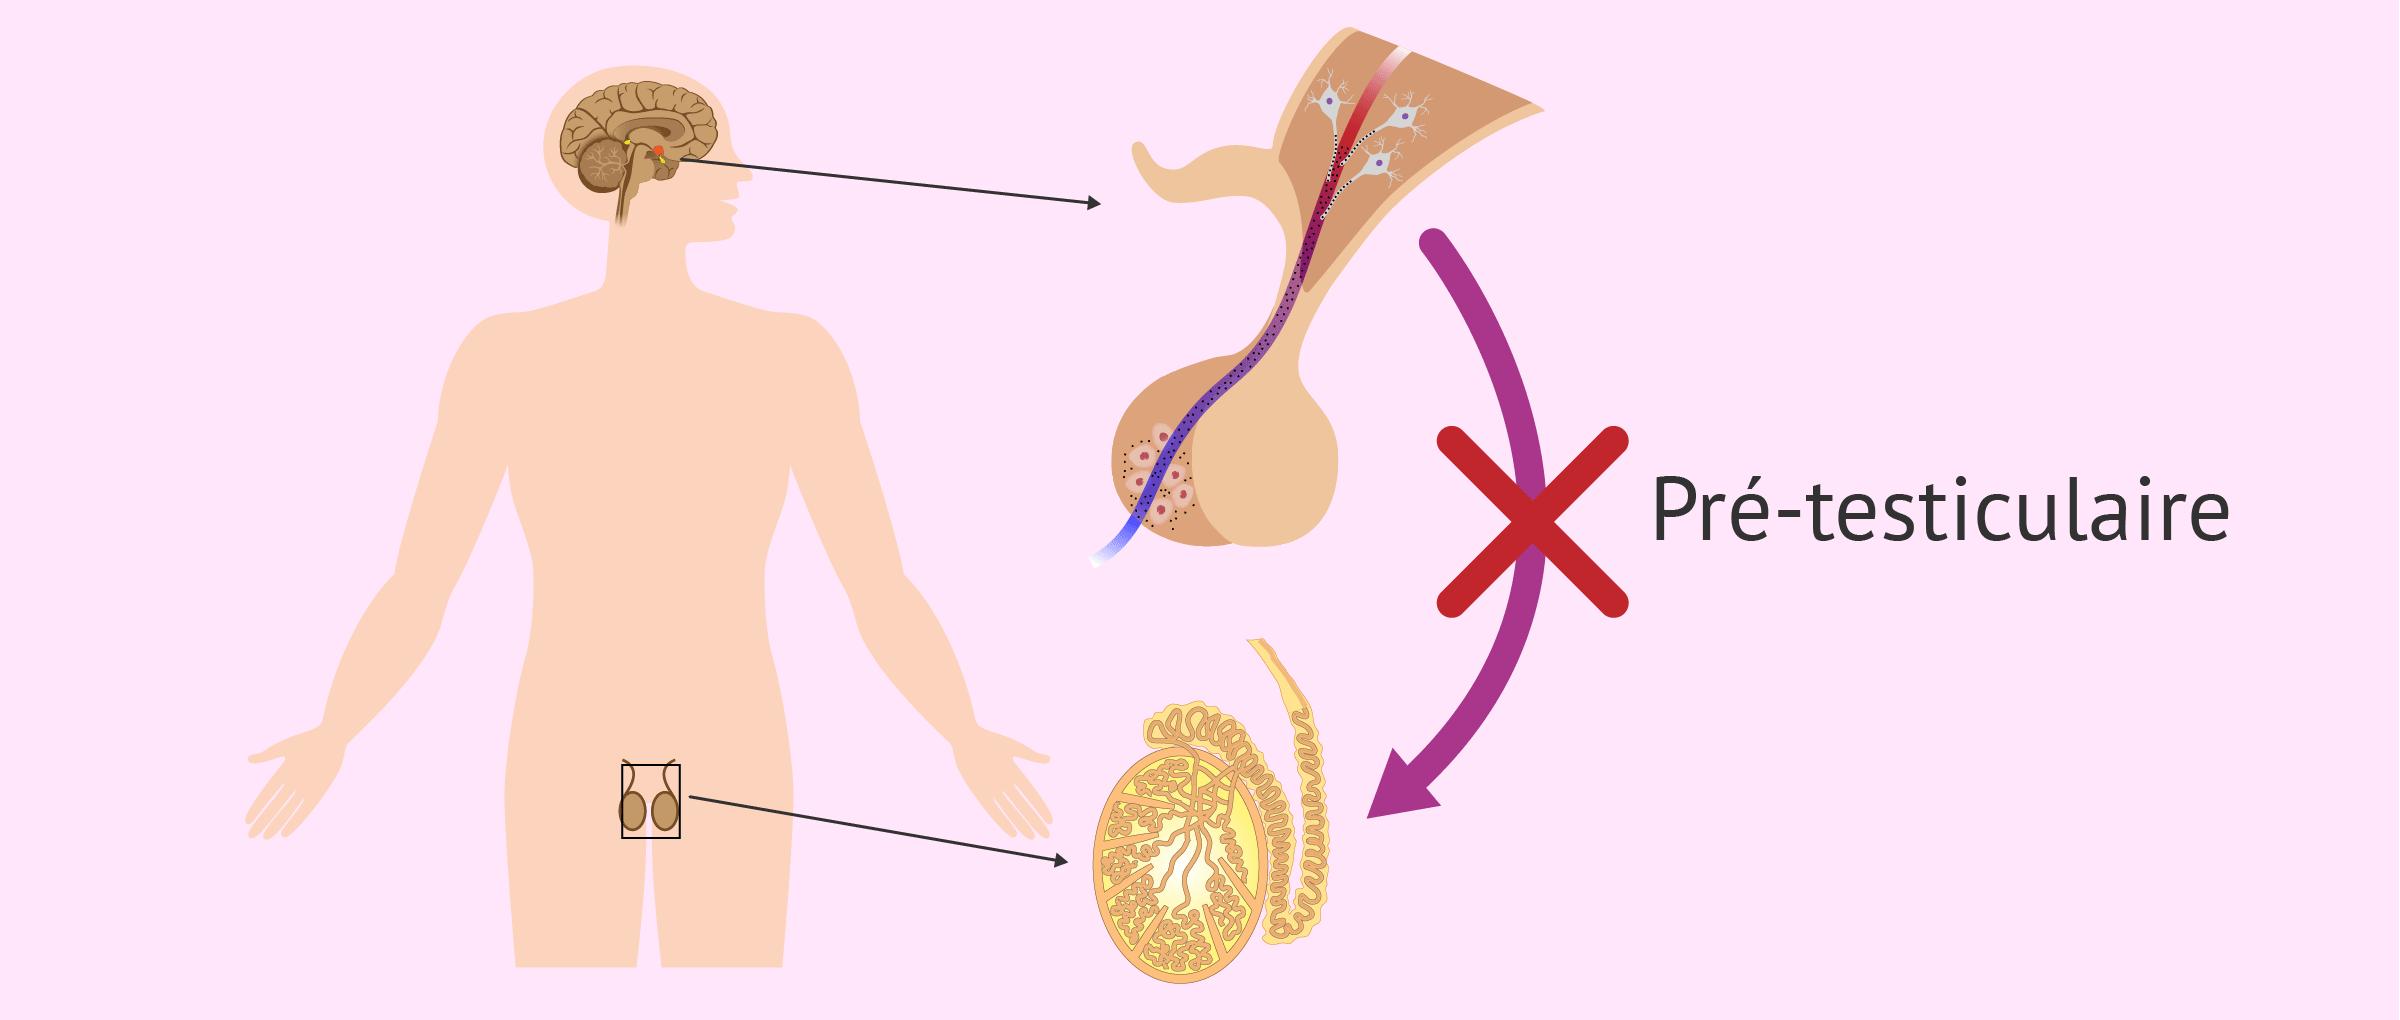 Causes pré-testiculaires de l'azoospermie